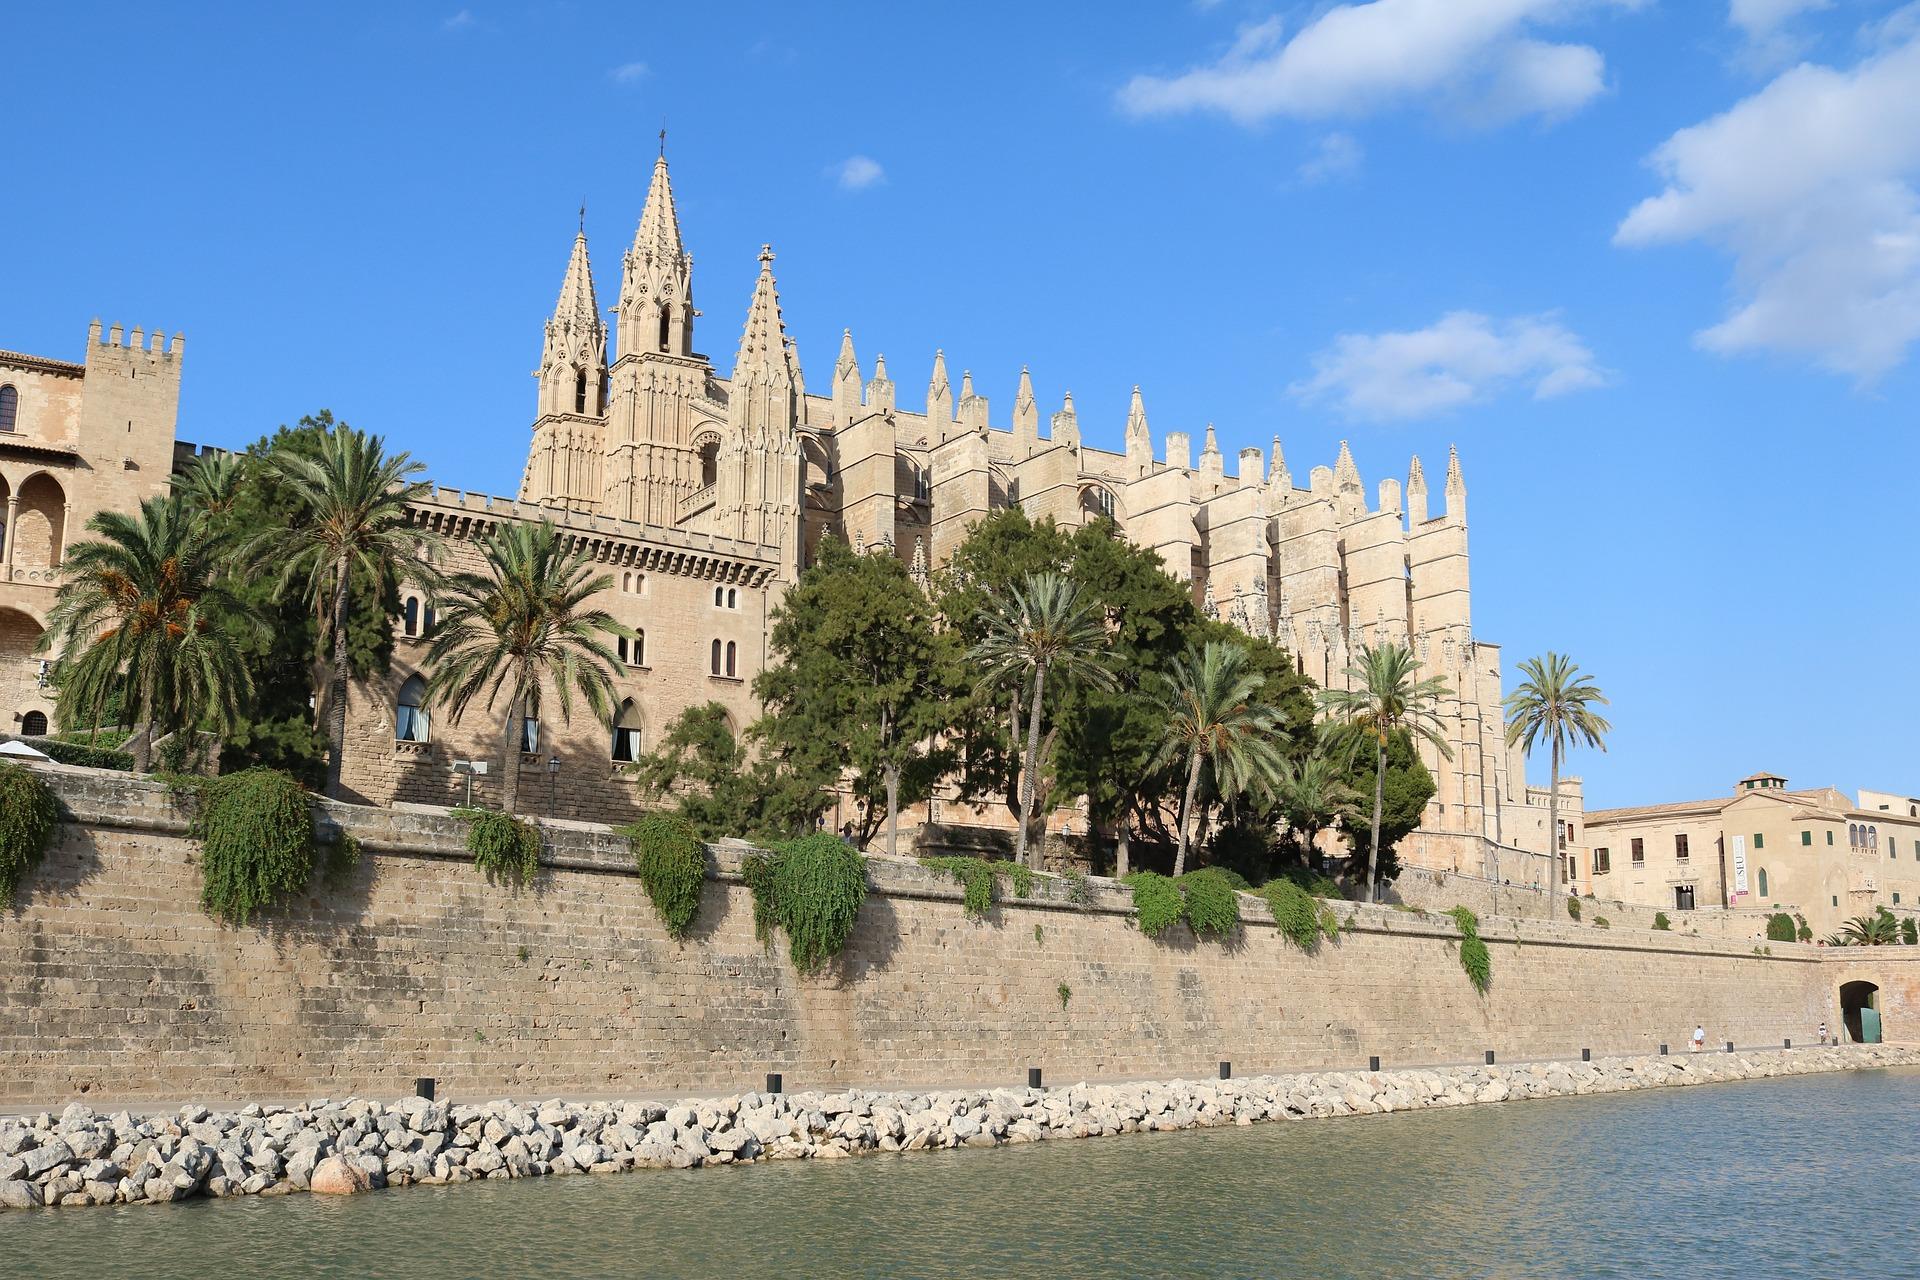 Palma Stadt - ein Tagesausflug muss sein